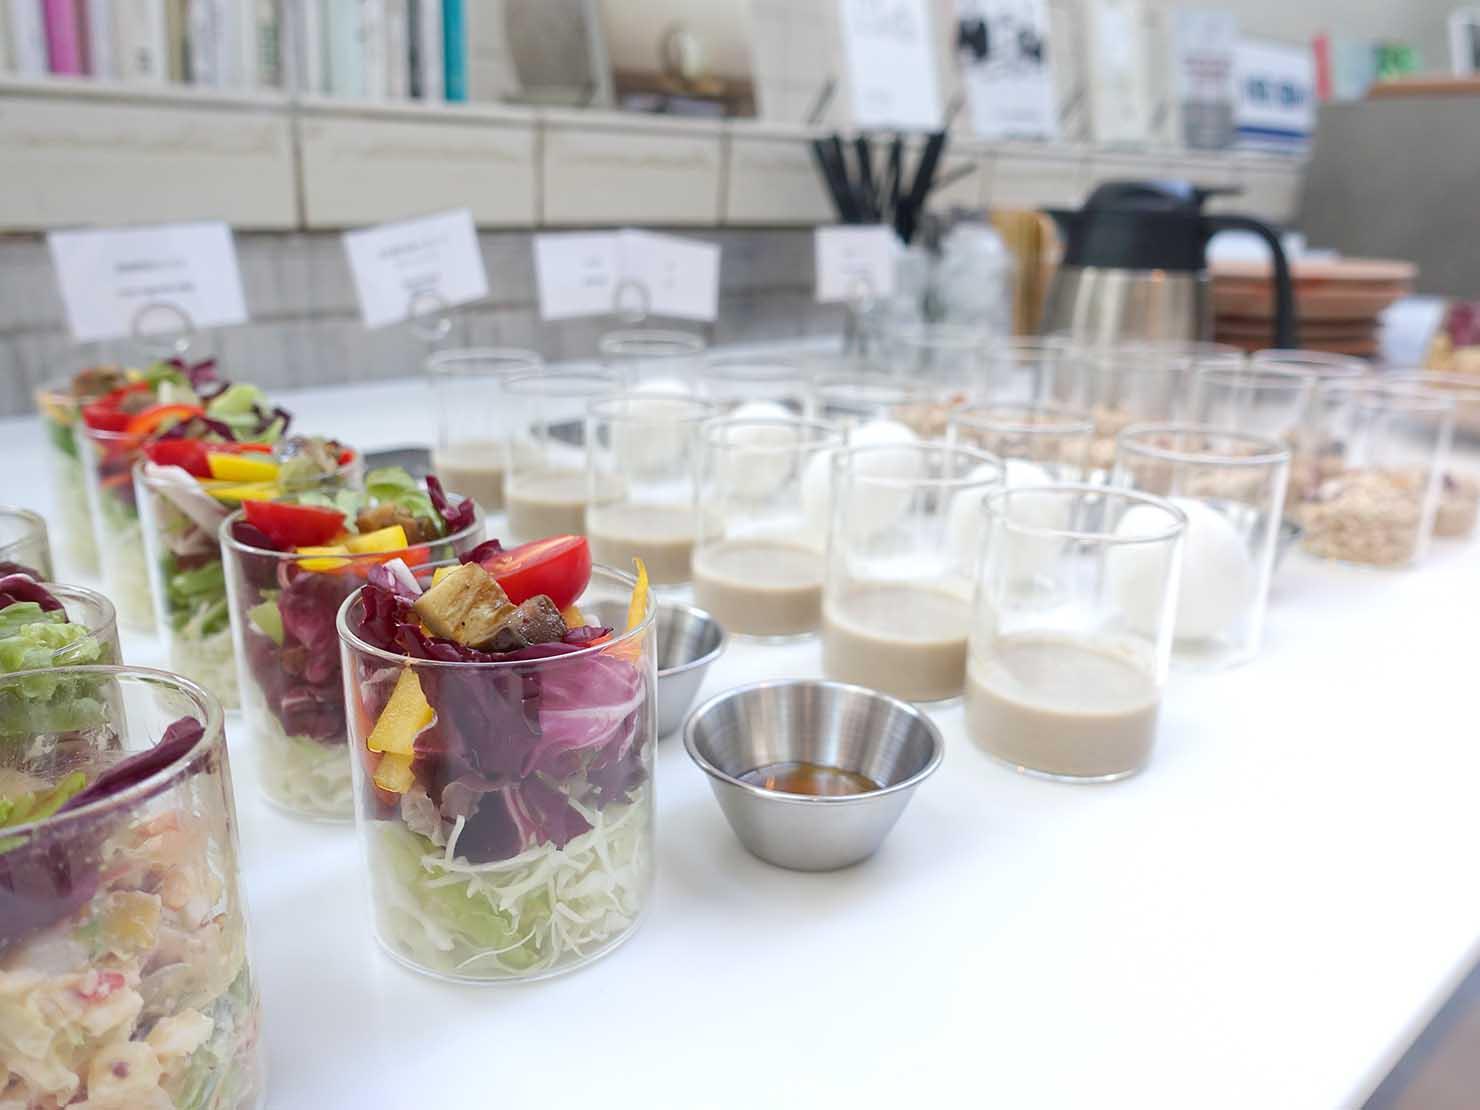 広島・八丁堀のおしゃれなリノベホテル「KIRO広島 The Share Hotels」のダイニング・THE POOLSIDEの朝食サラダ